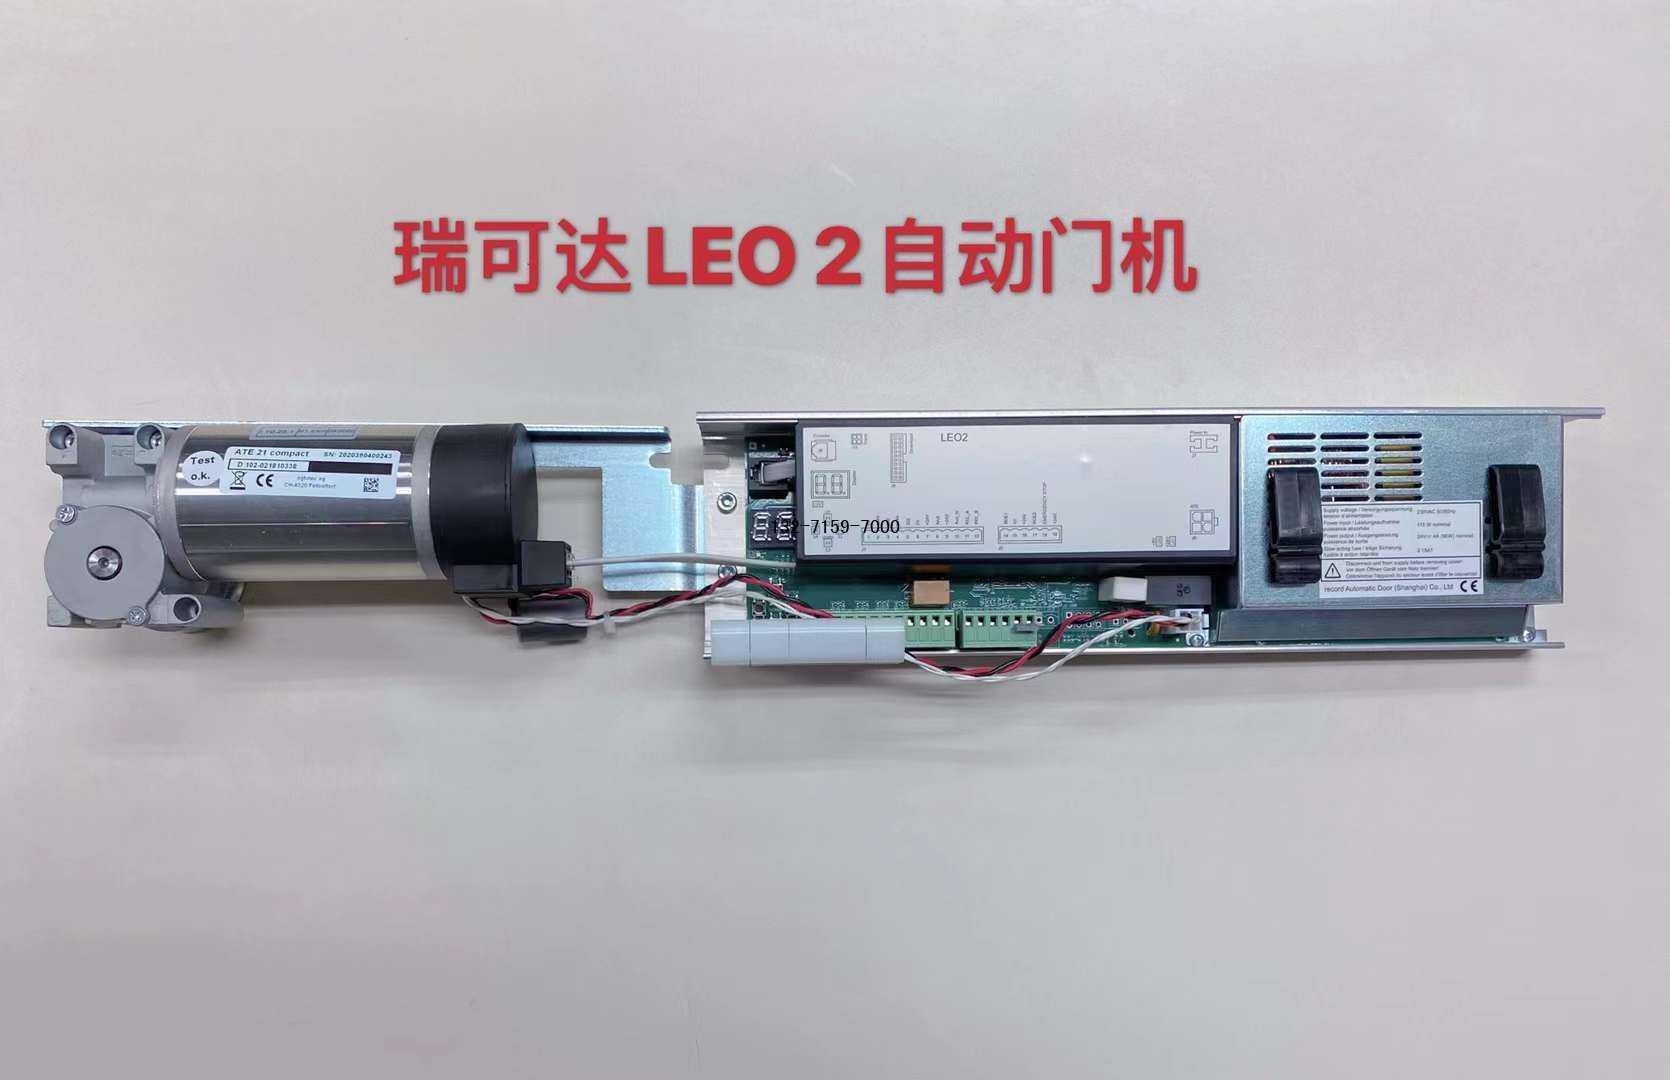 瑞可达leo2自动门机